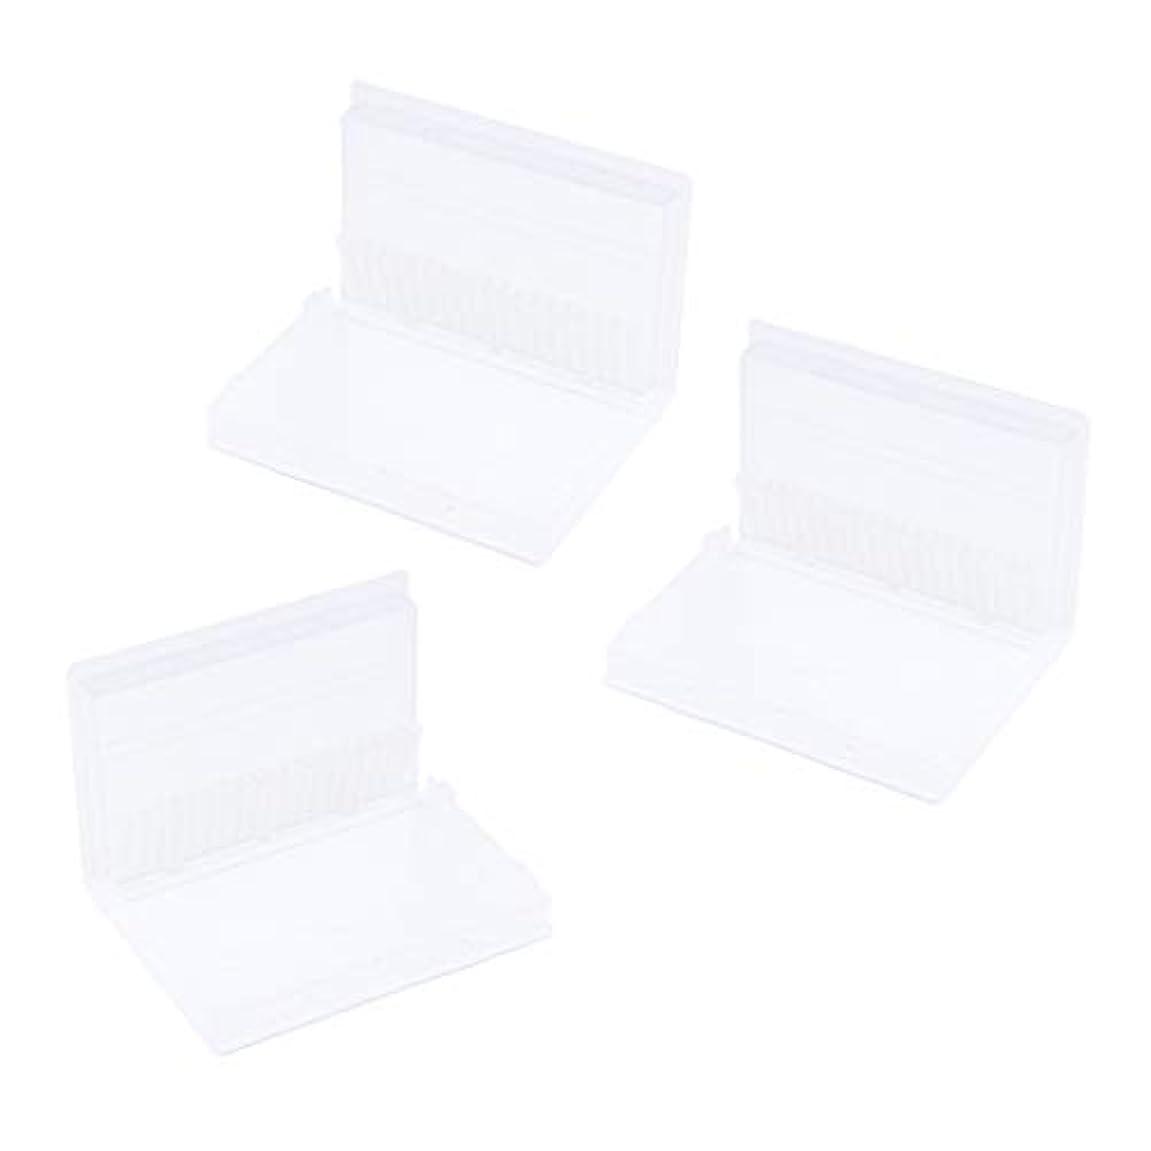 有効スーパーマーケットメタリックTachiuwa プラスチック 収納ボックス 20穴 マニキュアツール ネイルドリルビット スタンド ホルダー 3個入り